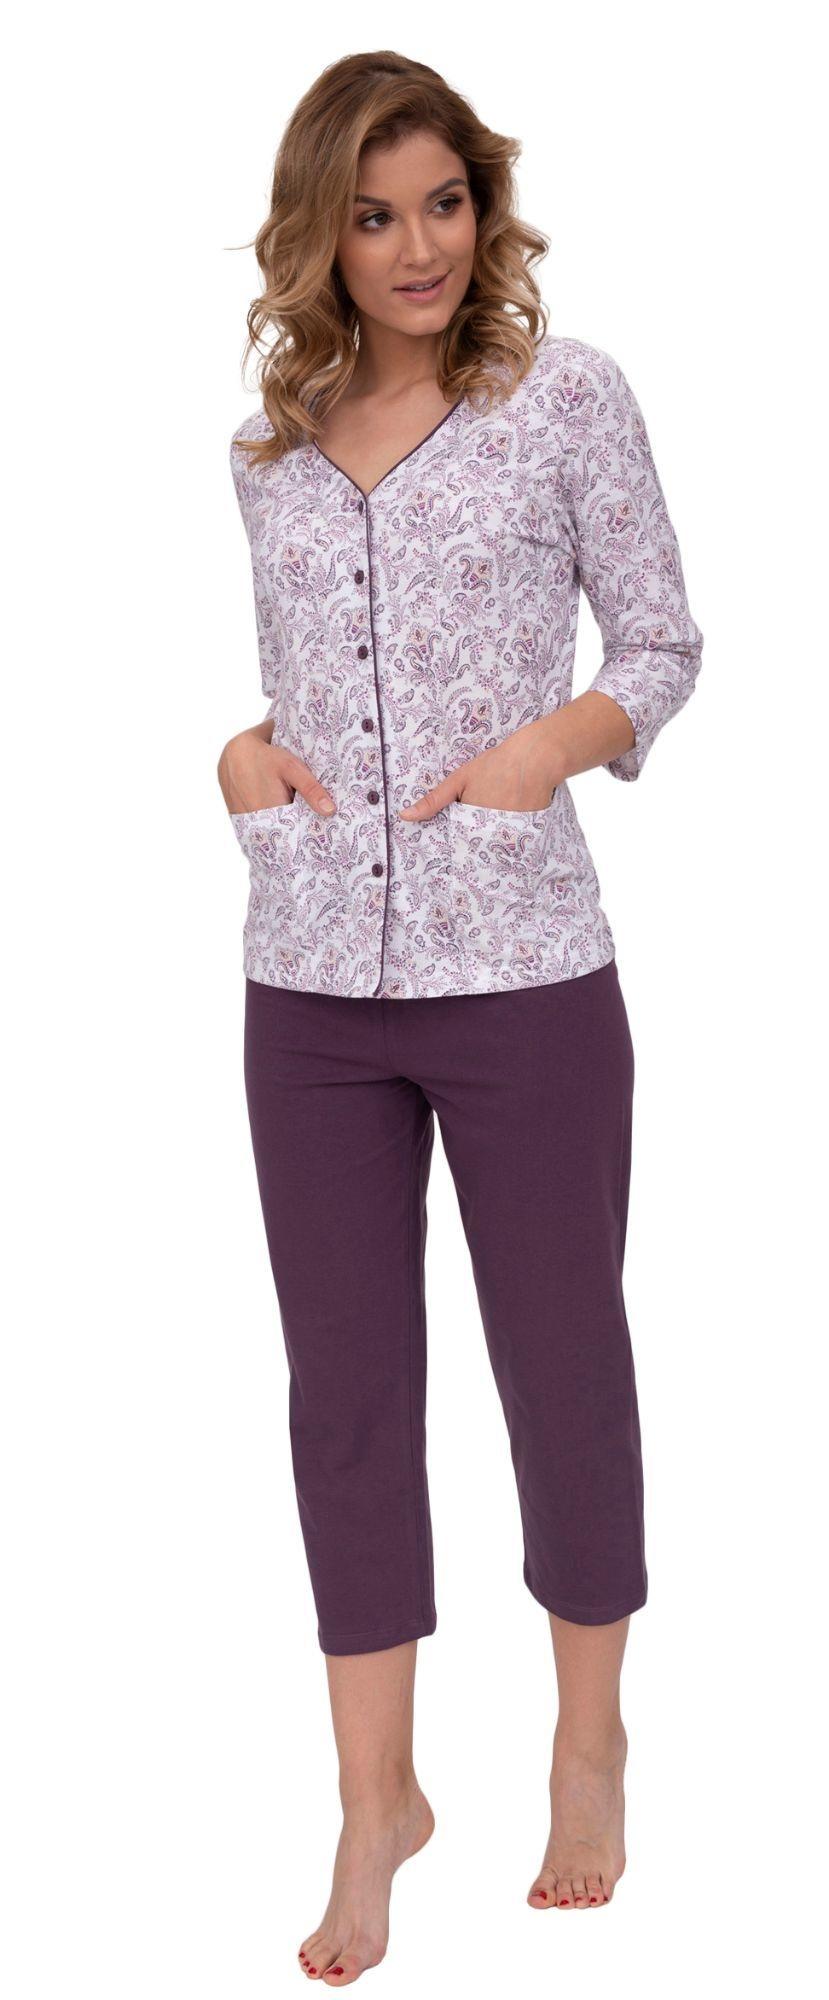 474410115c61 Luxusné dámske pyžamo Petra orientálny vzor vínové - ELEGANT.sk